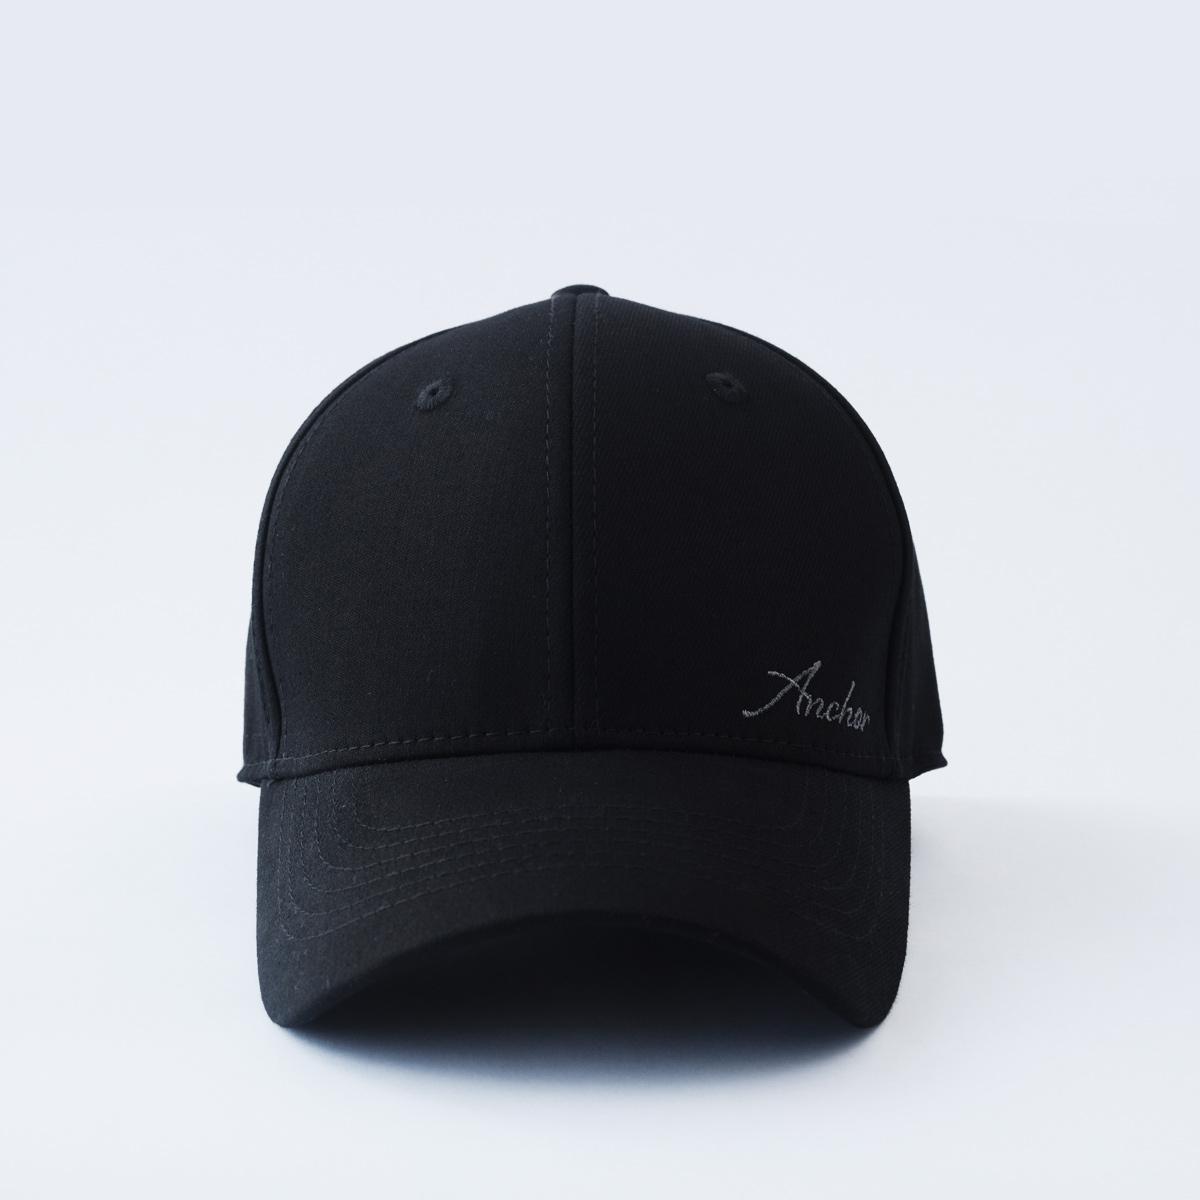 mũ lưỡi trai nam nữ đẹp bít đuôi anchor and helm đen